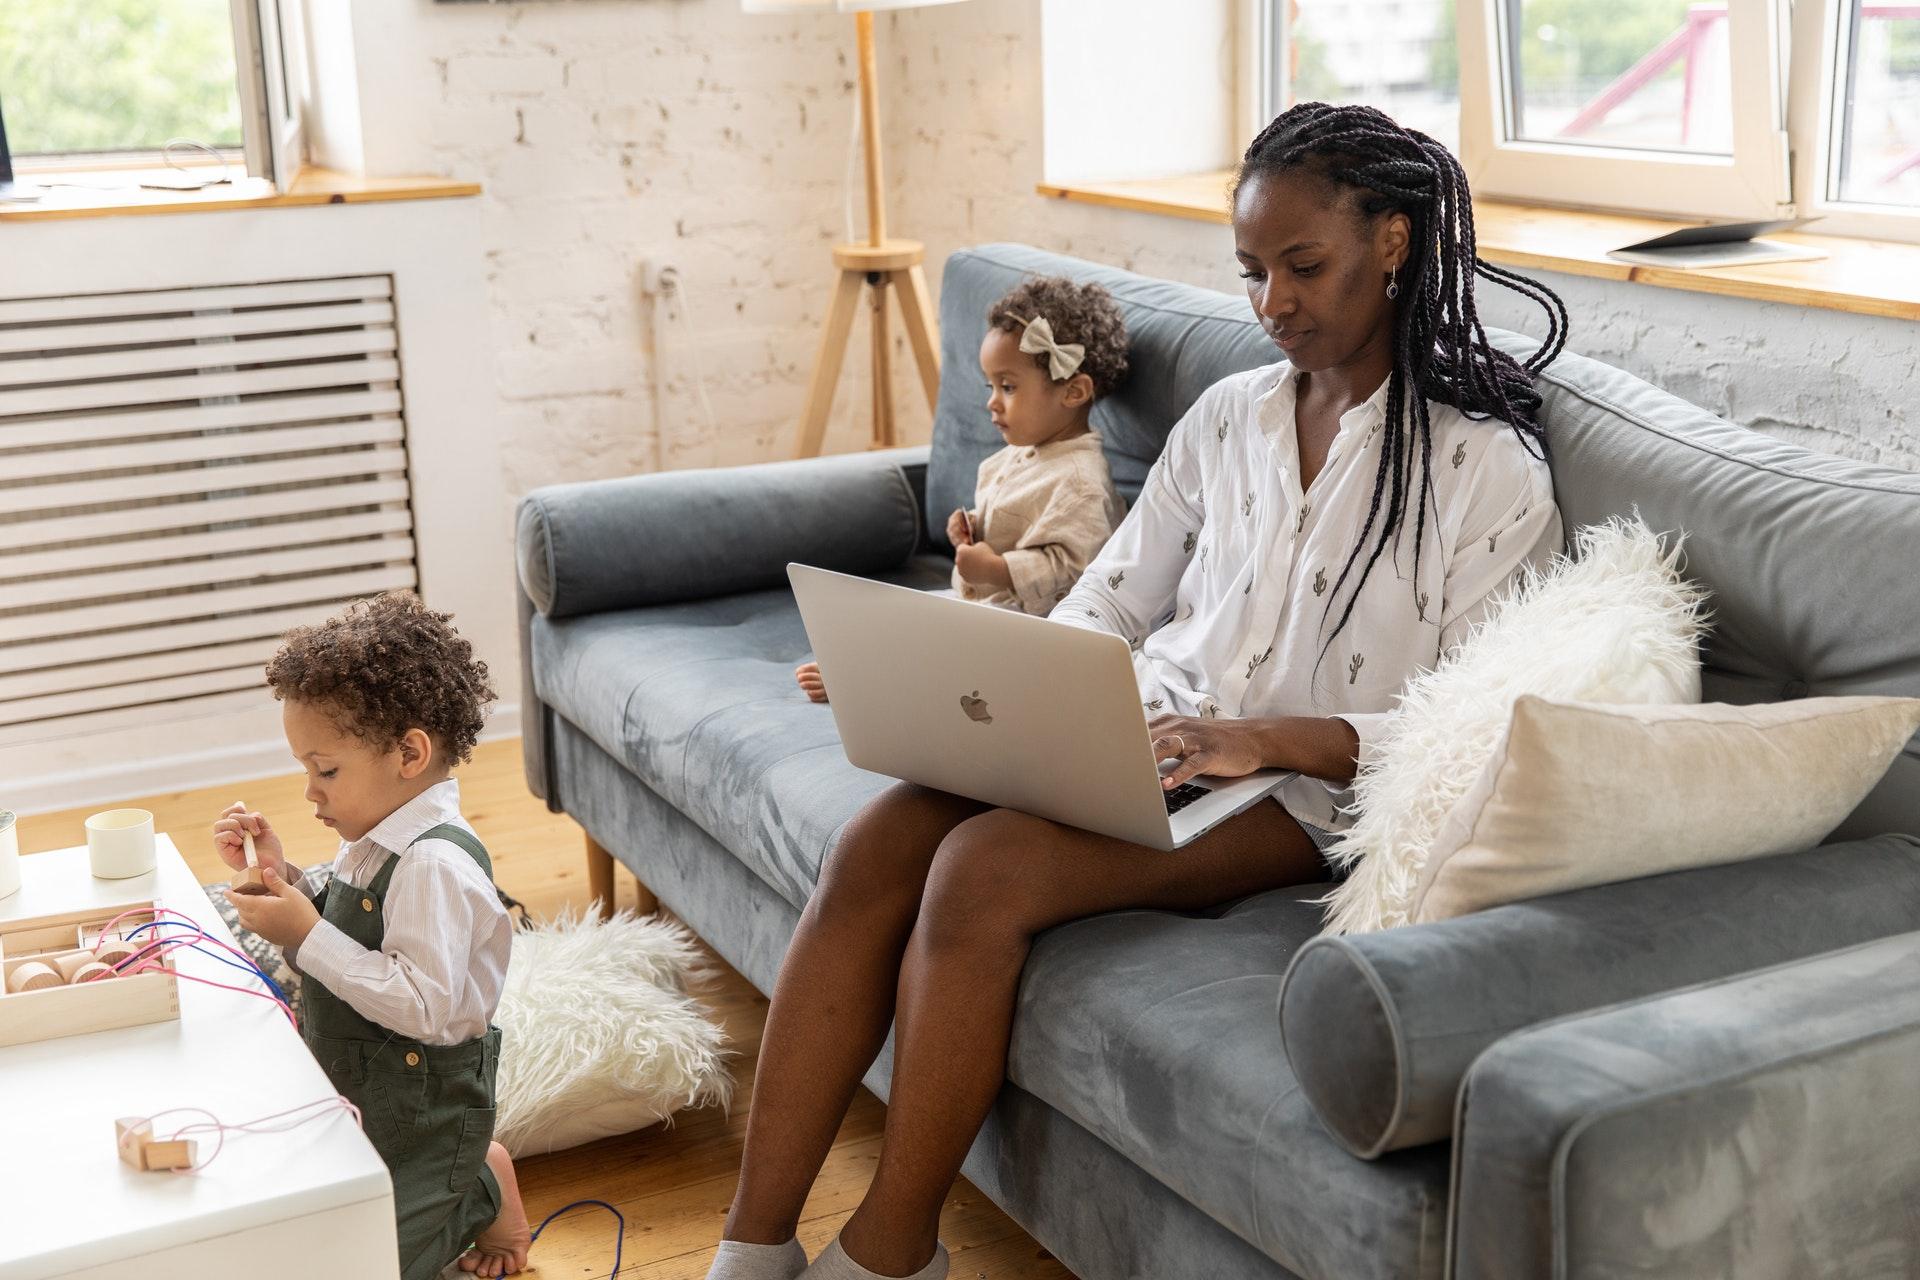 Vemos uma mulher negra, mãe de duas crianças bebês, trabalhando com seu computador no colo enquanto as crianças brincam na sala onde todos estão (imagem ilustrativa). Texto: empreender em casa.